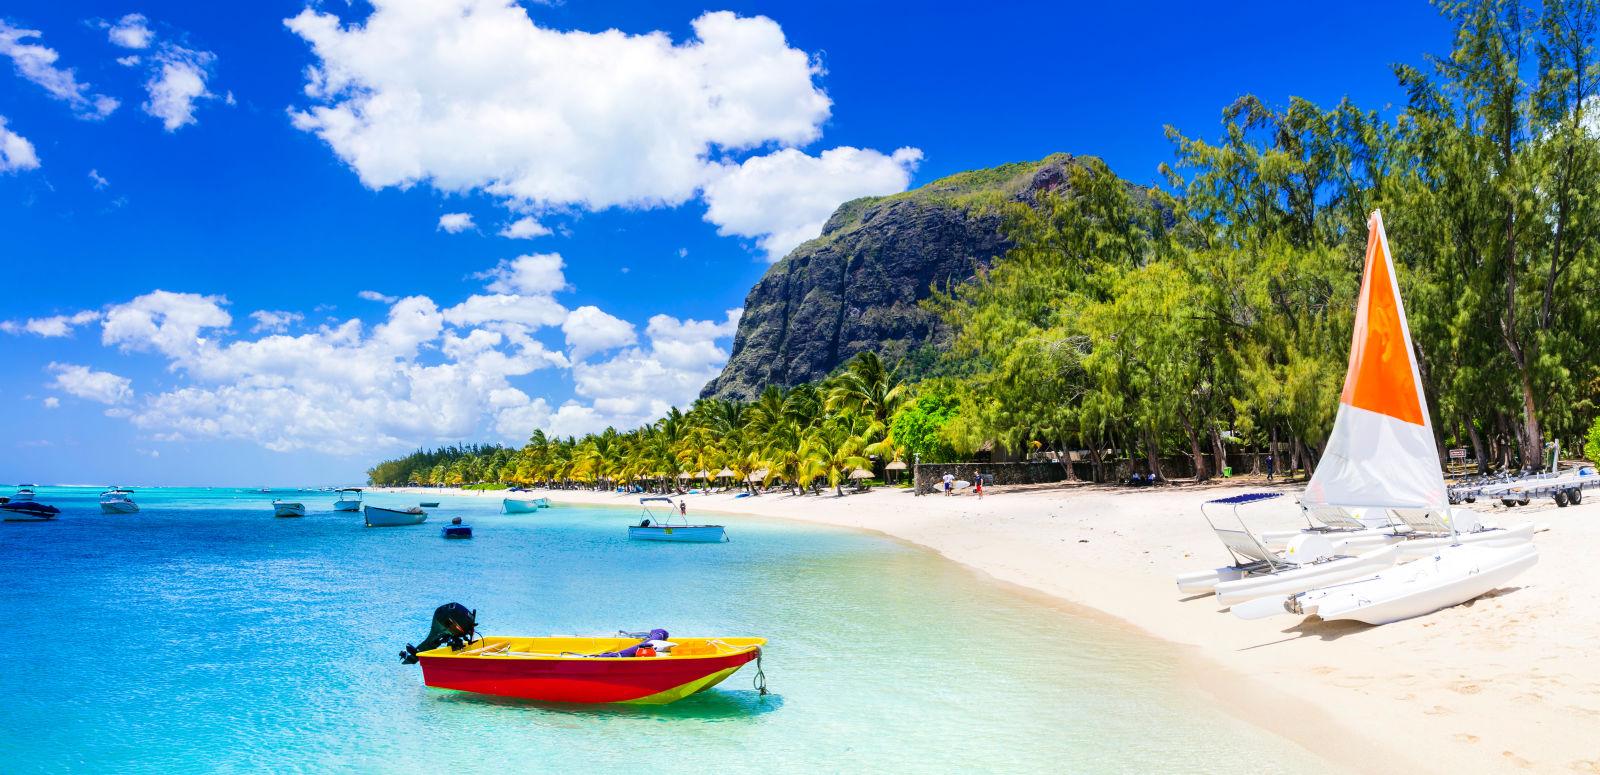 Africa, Mauritius